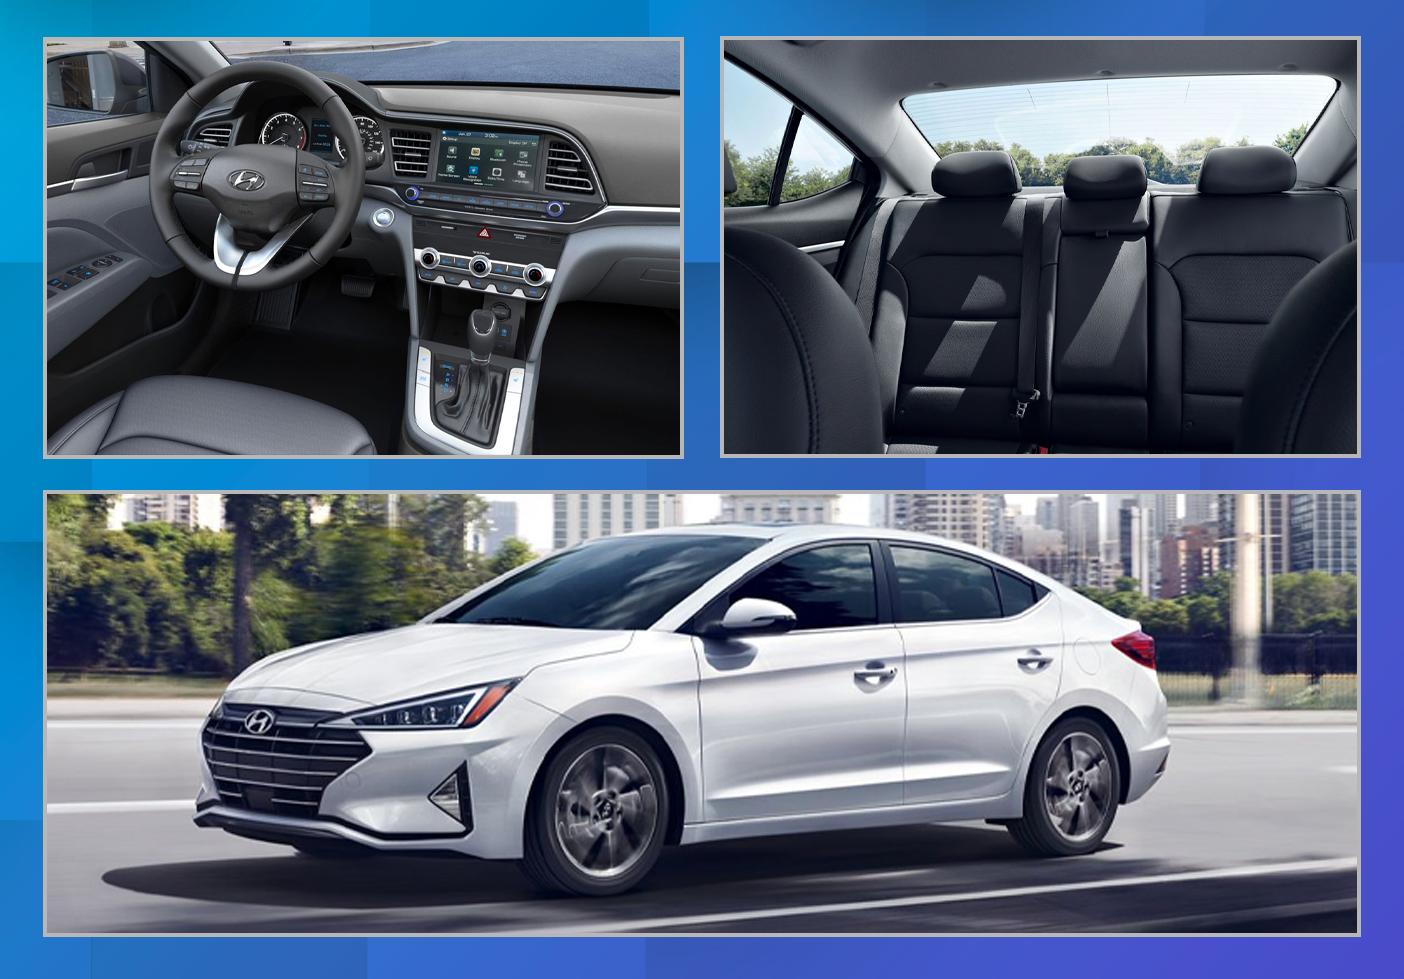 2020 Hyundai Elantra Chicago